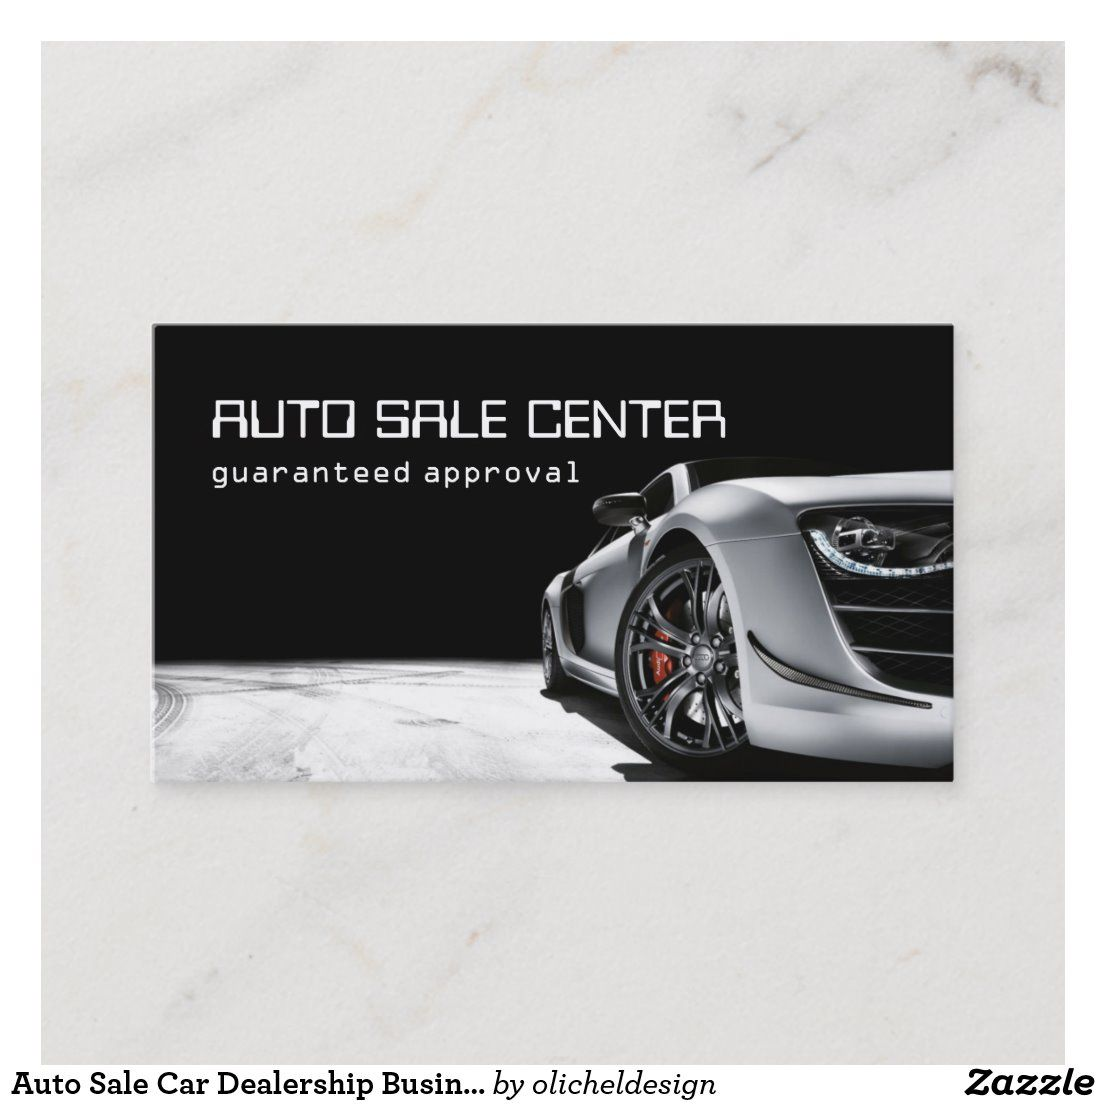 Auto Sale Car Dealership Business Card Zazzle Com Tarjetas De Presentacion Venta De Autos Tarjeta